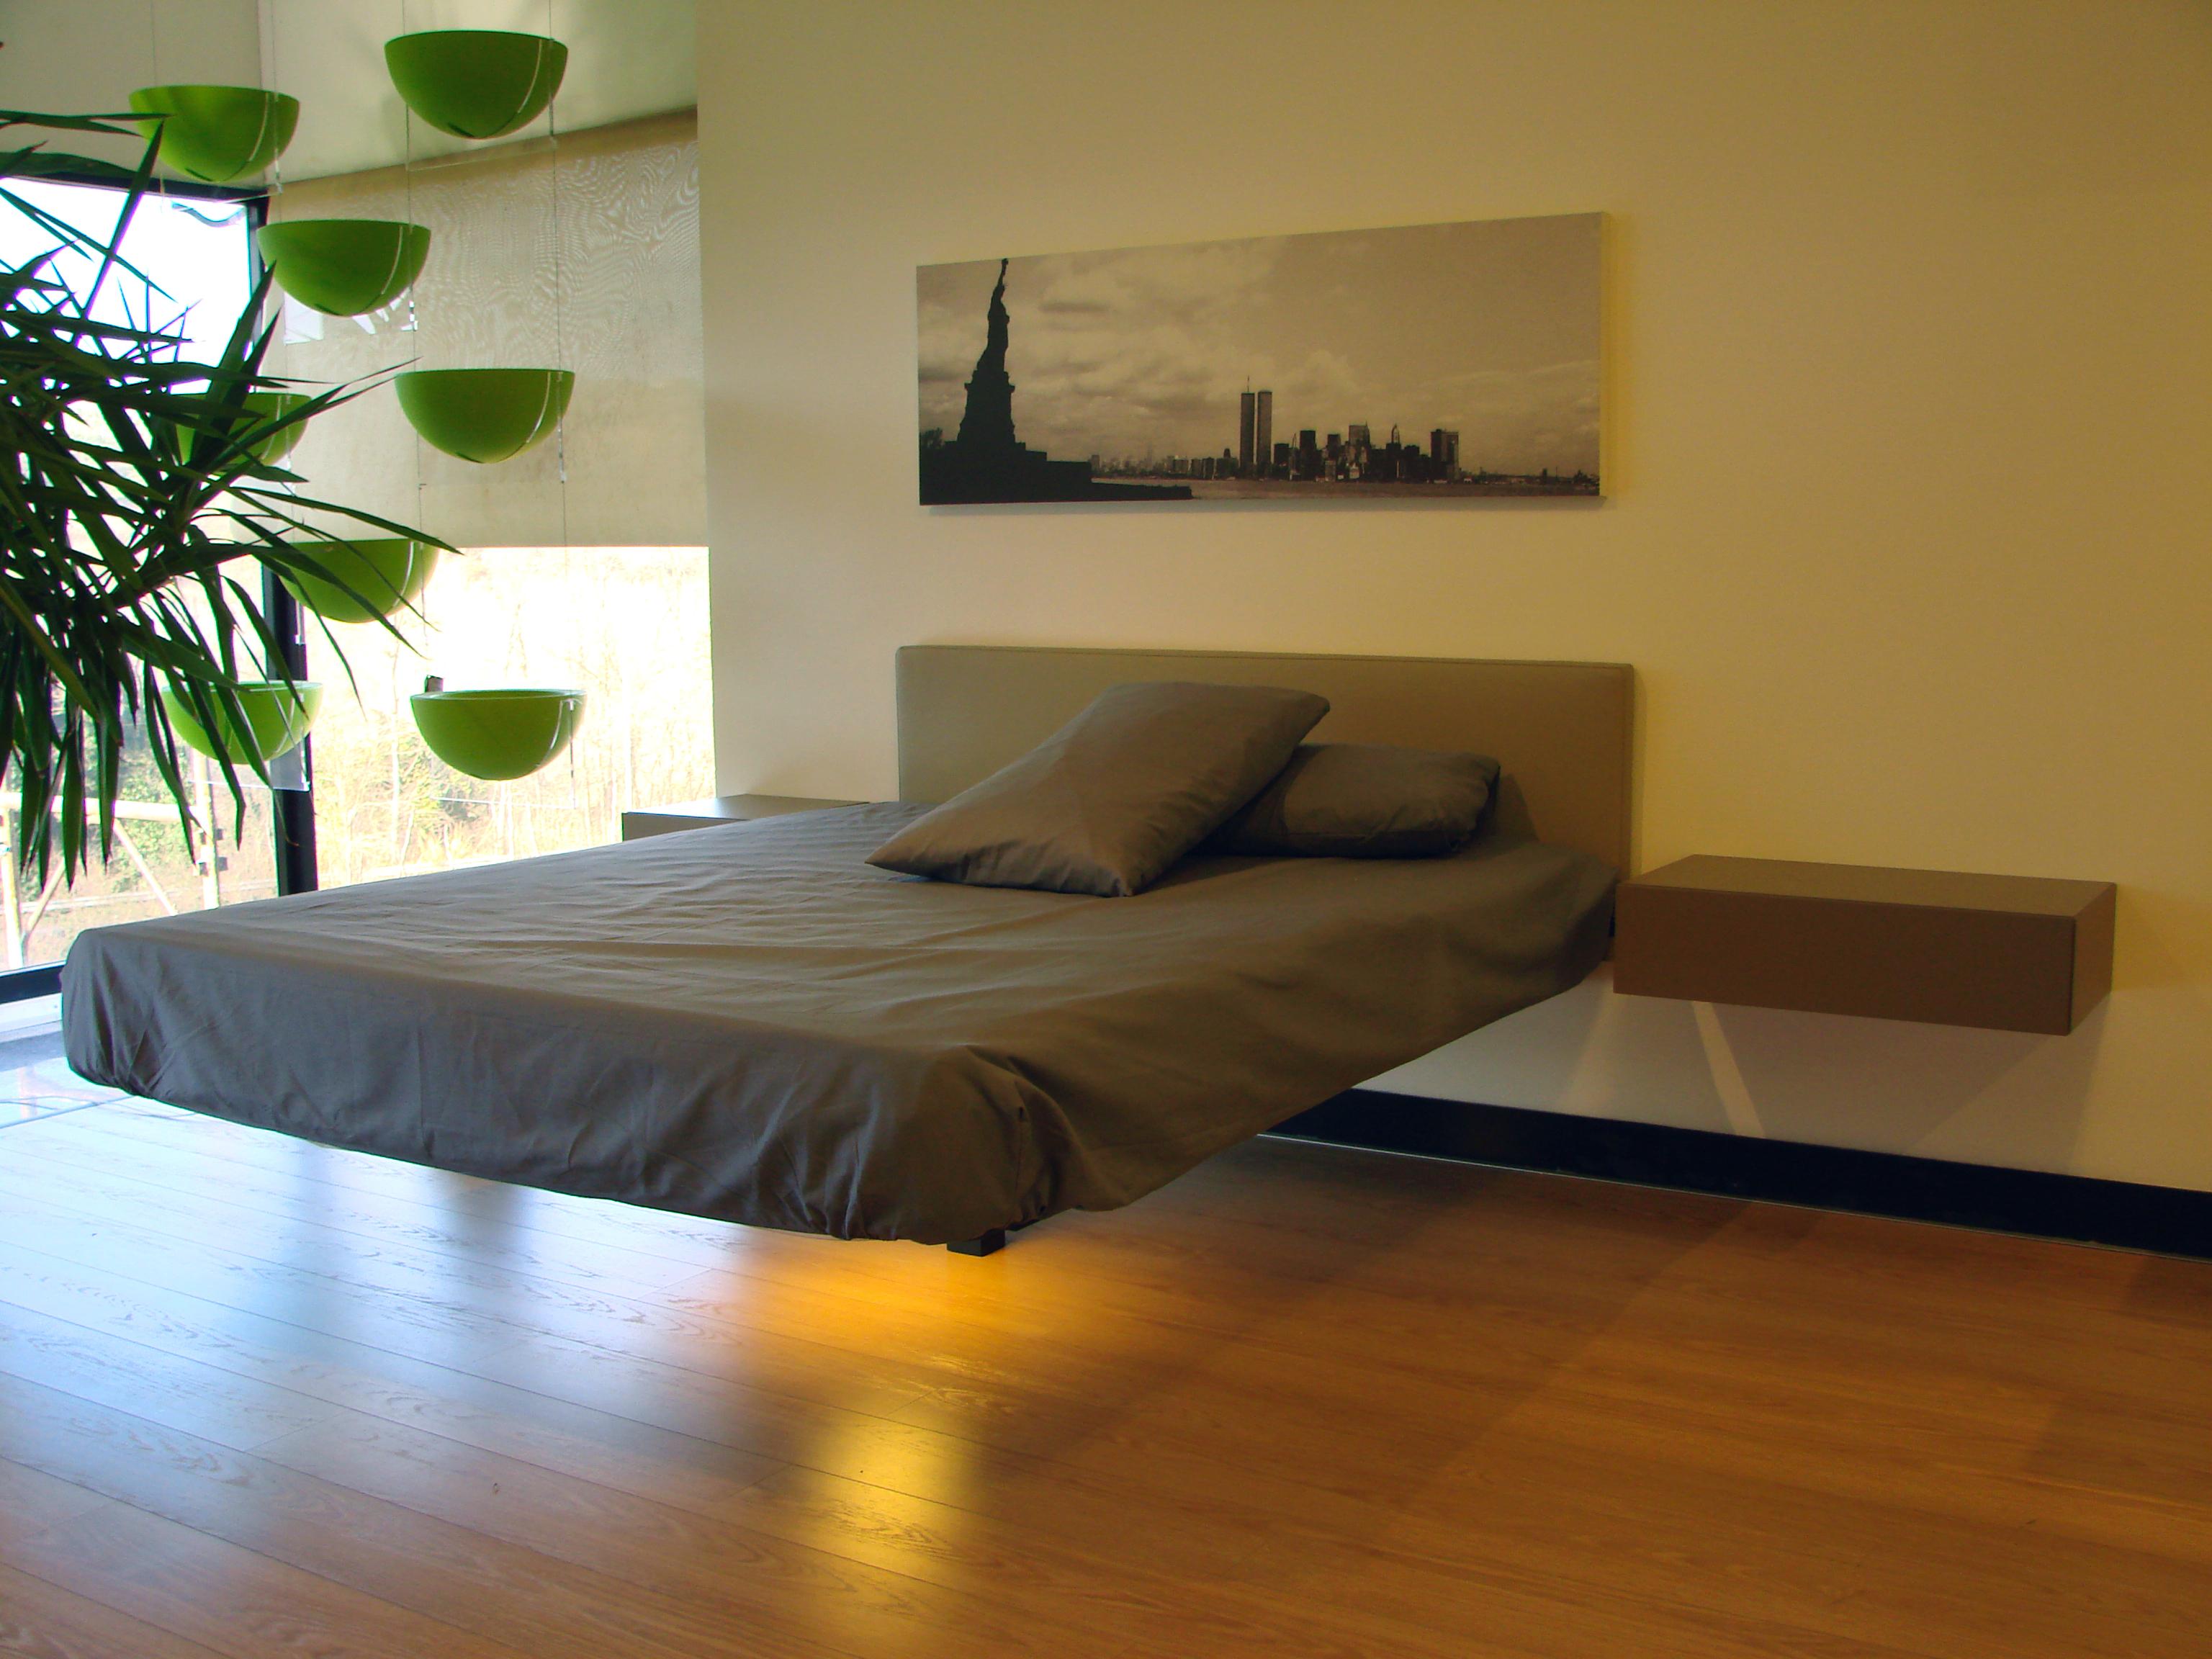 mobili LAGO wisdom: la saggezza - dimensione legno Chieti